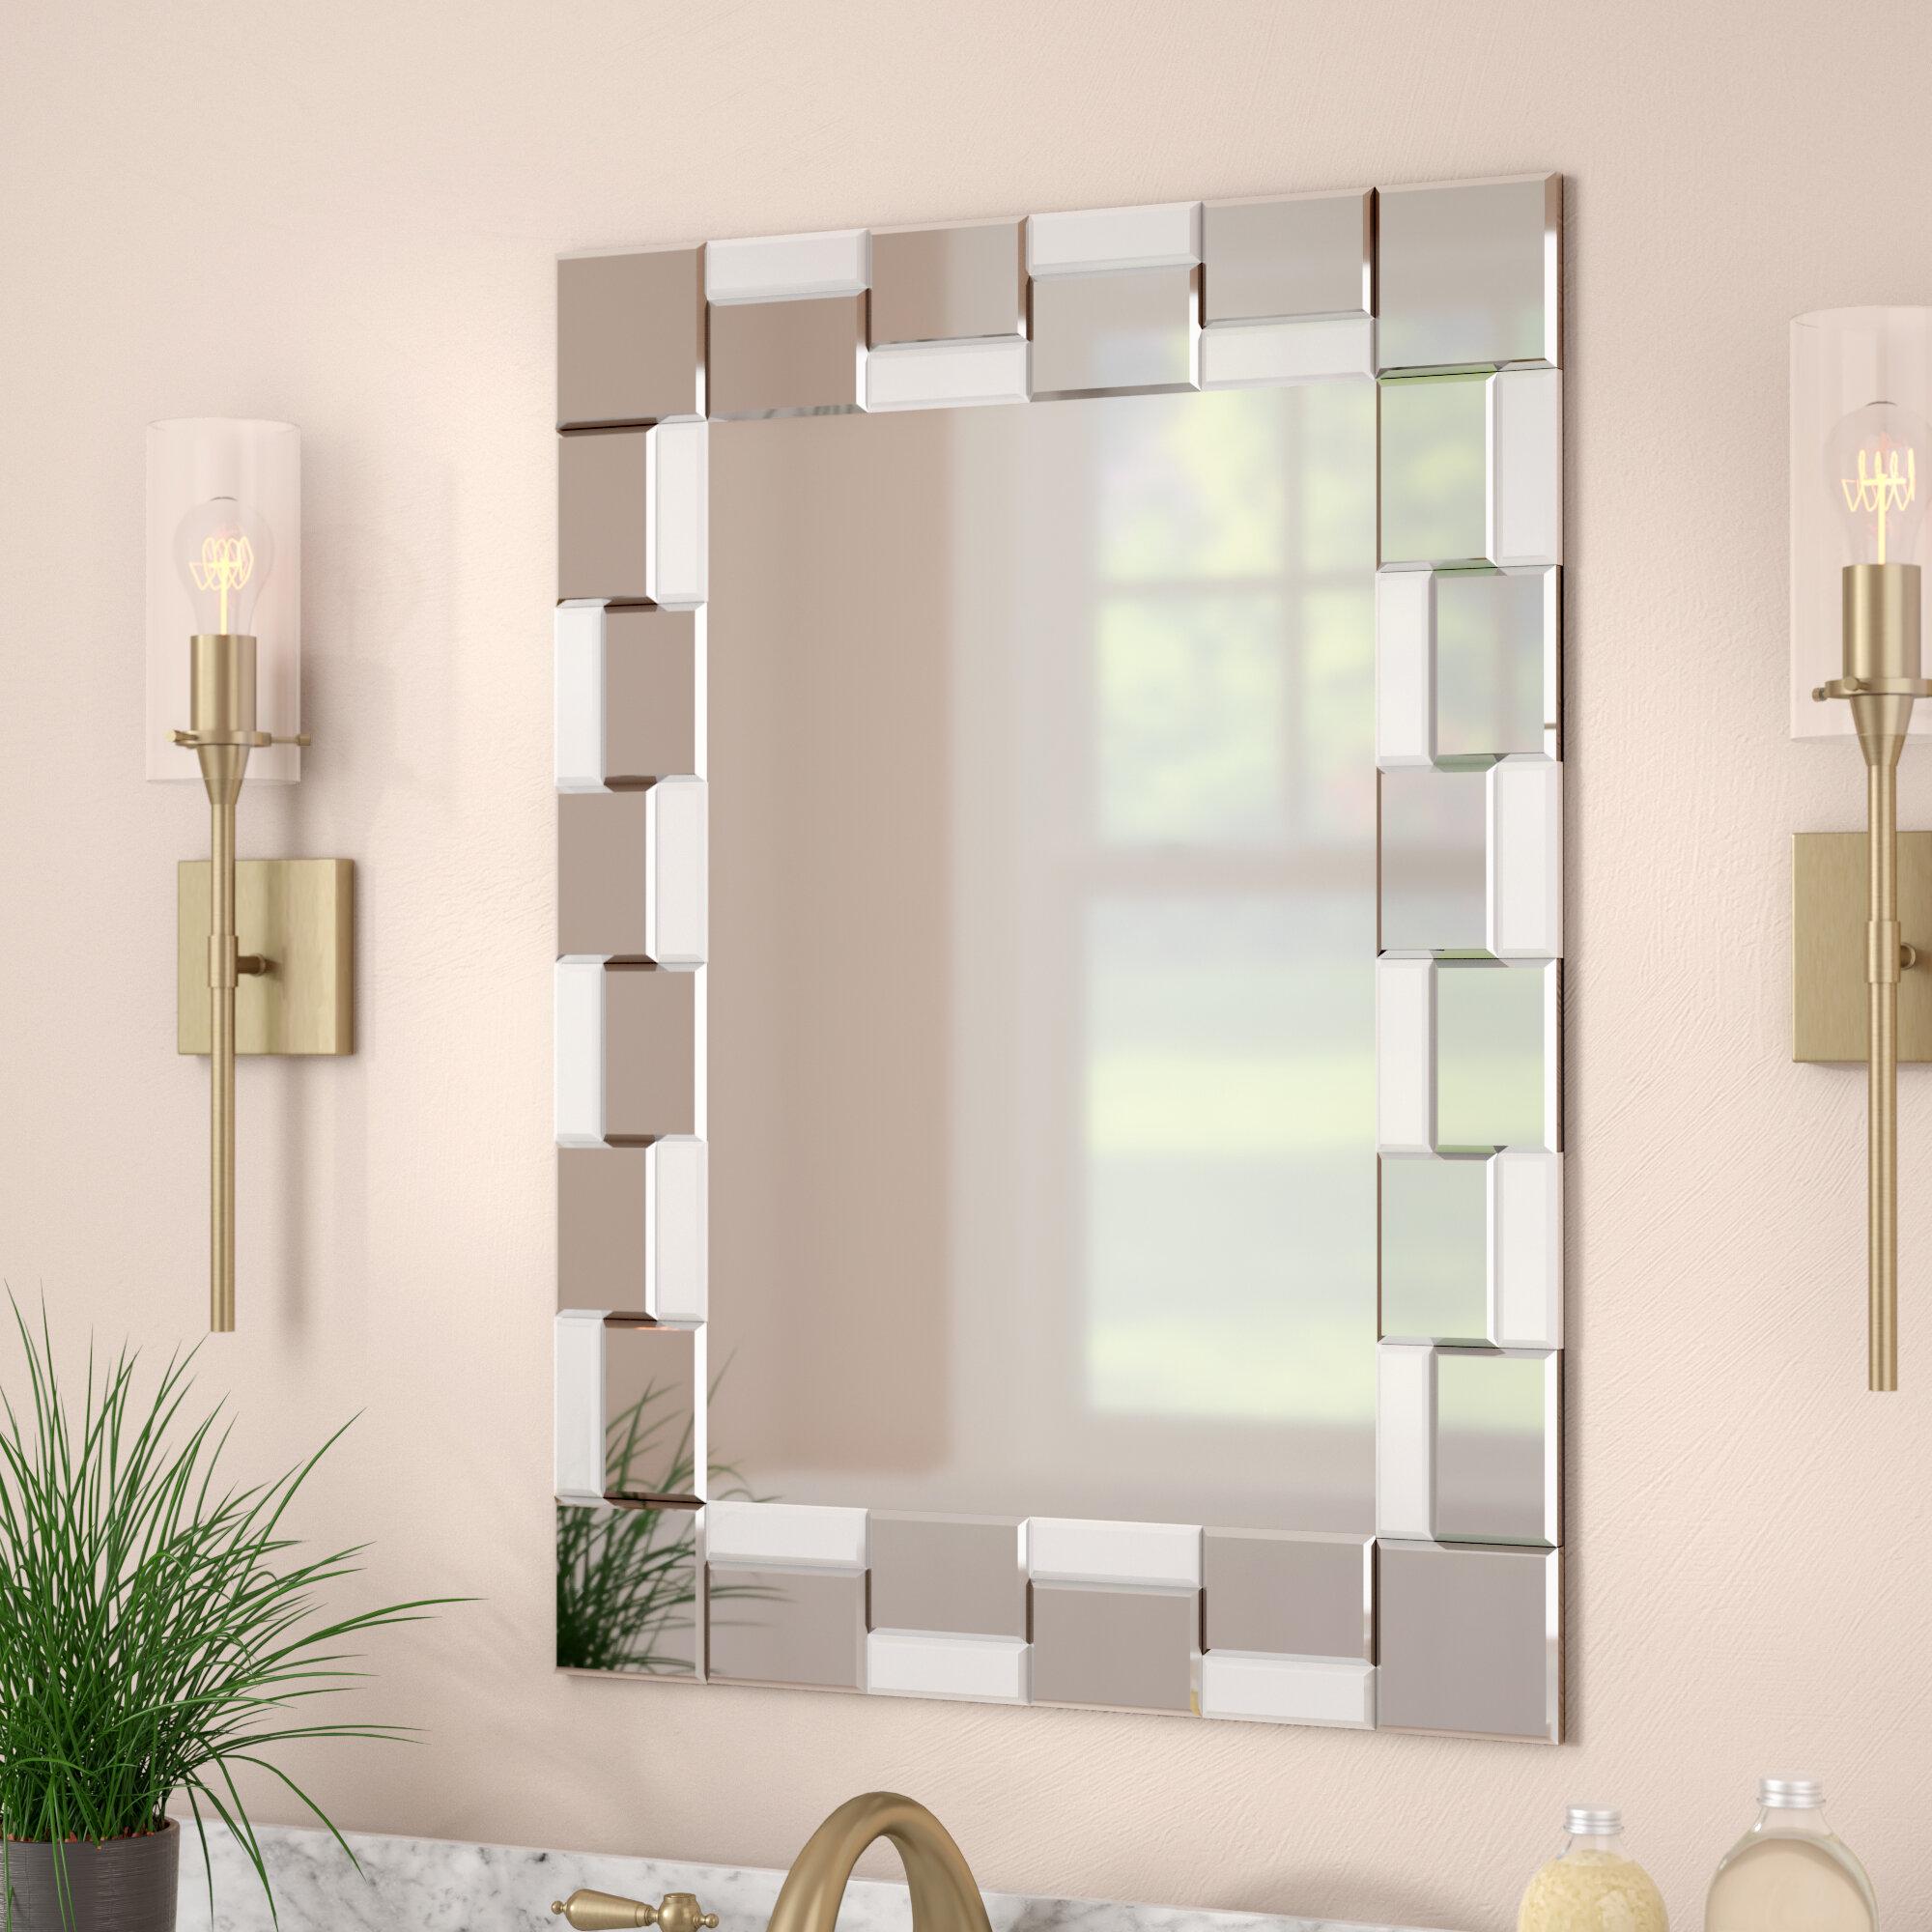 House Of Hampton Kher Modern Wall Mirror Reviews Wayfair